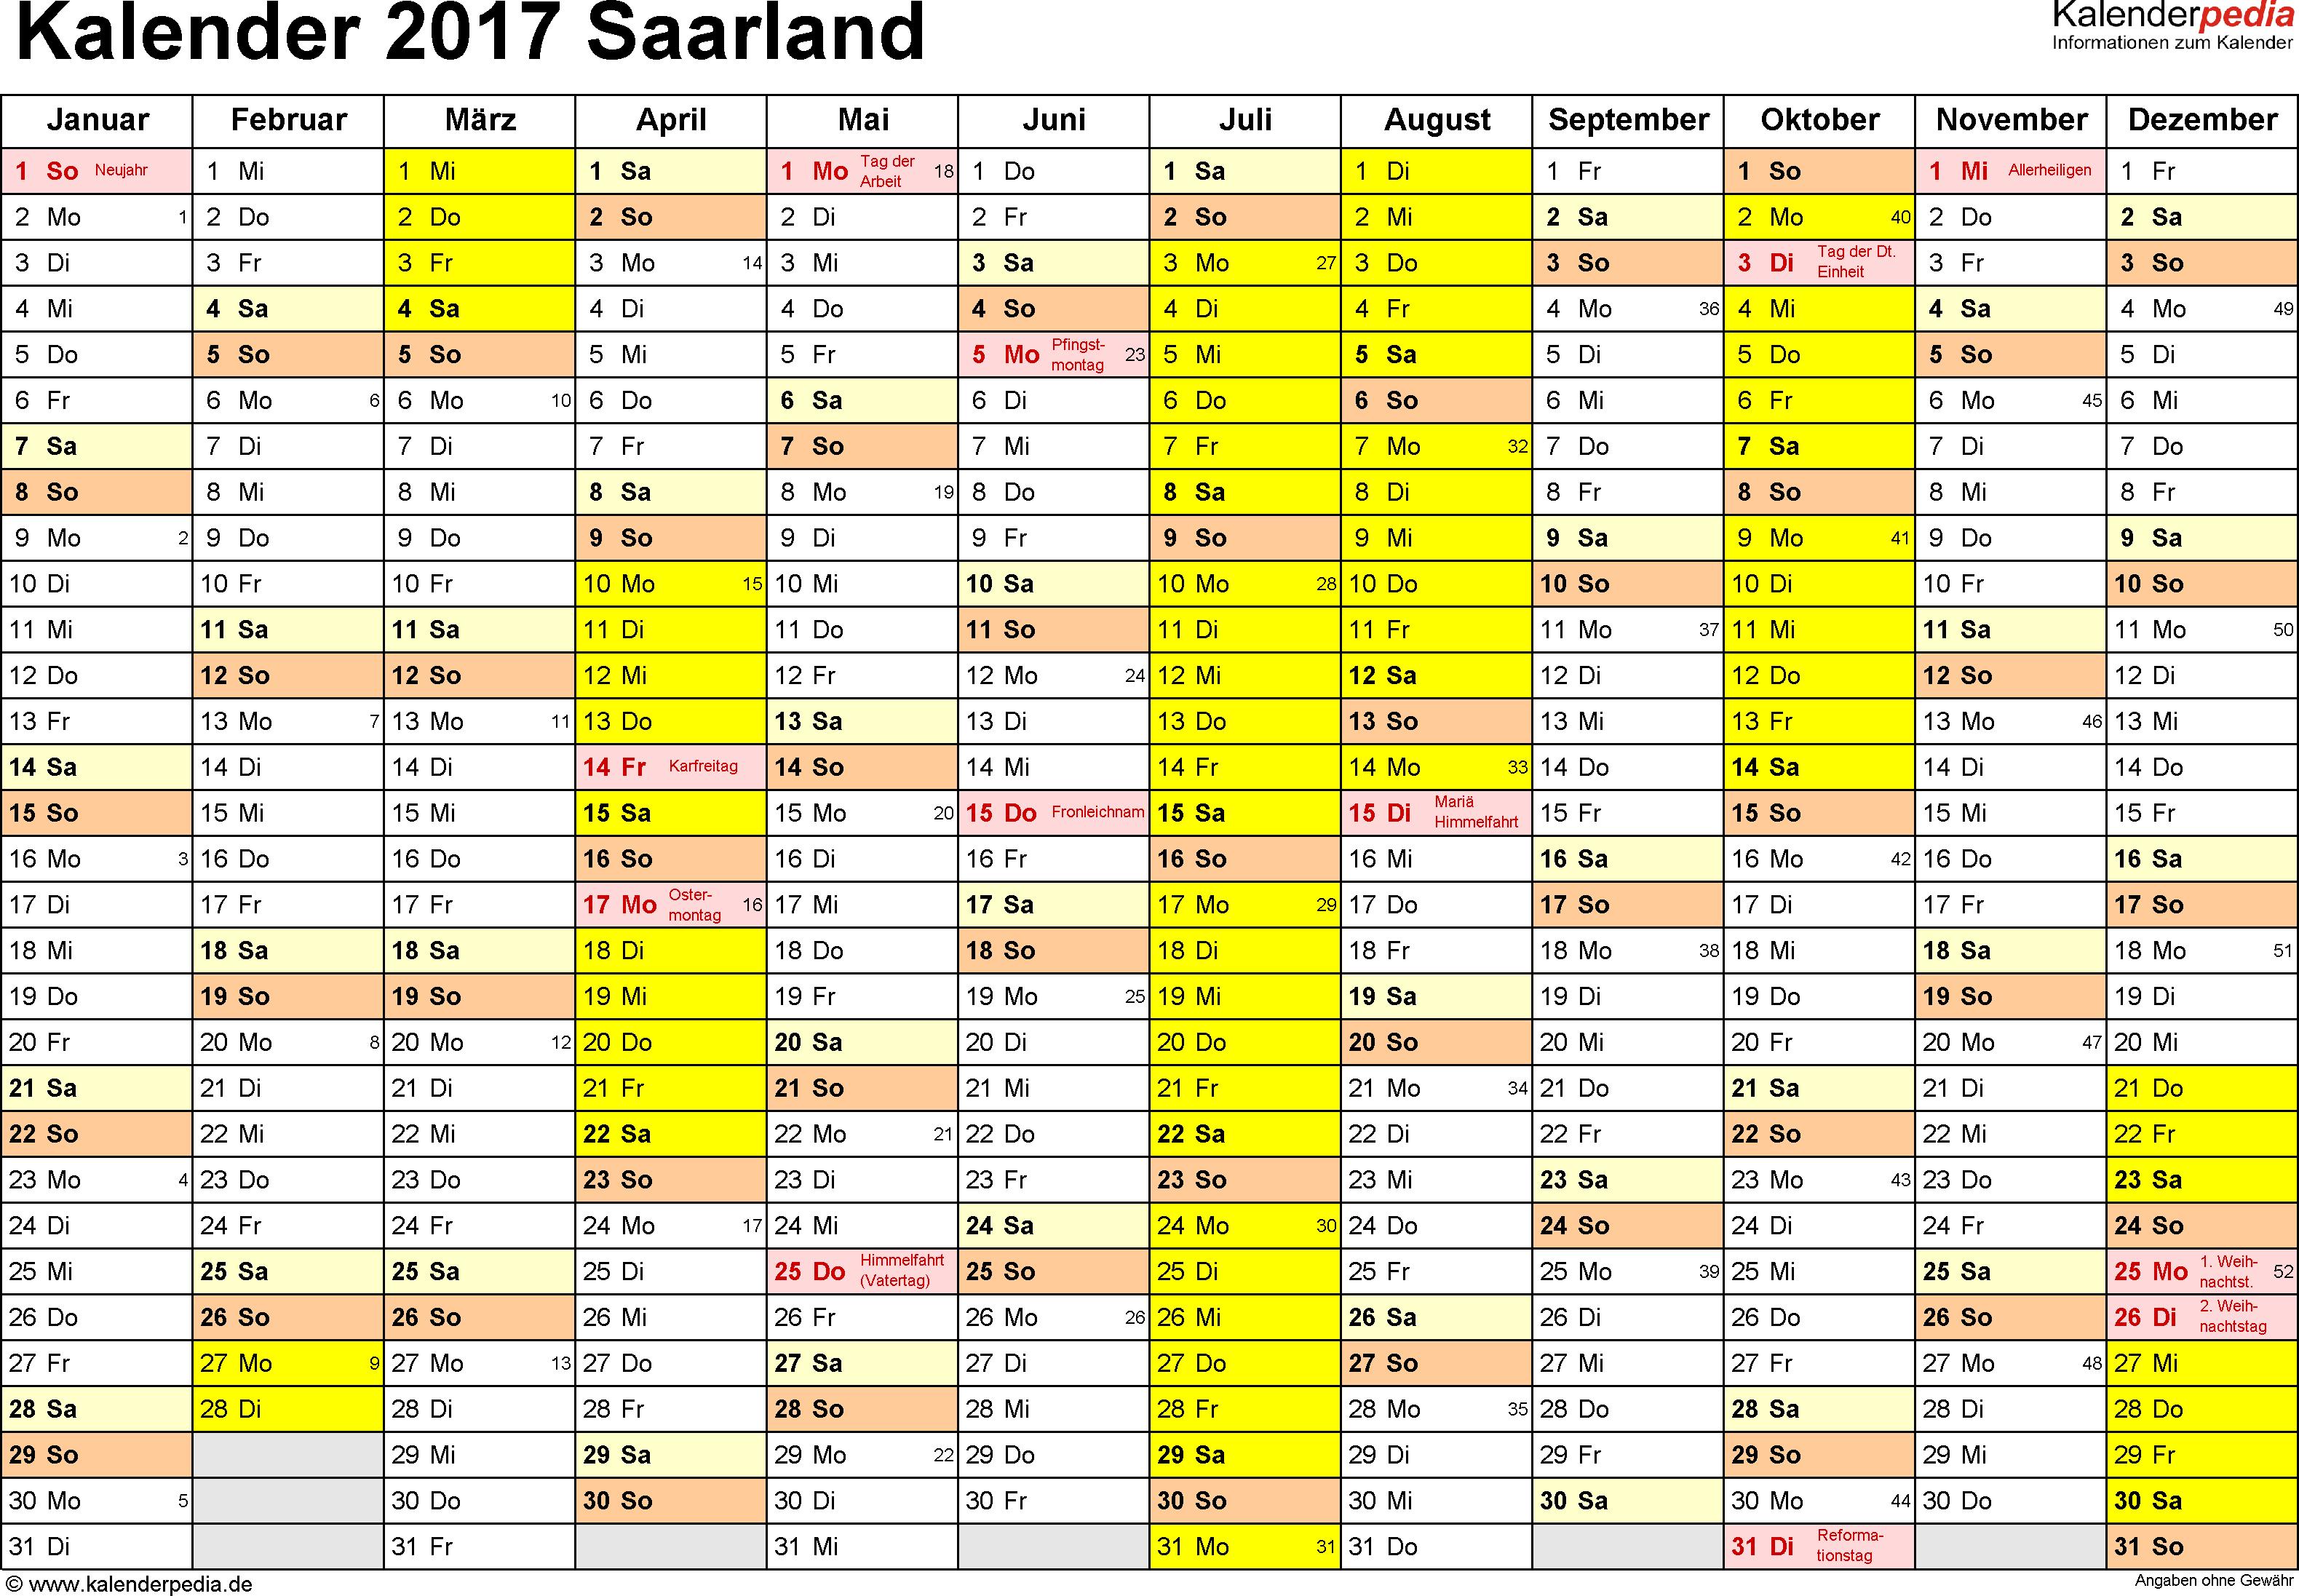 Ferien Saarland 2017 - Übersicht der Ferientermine